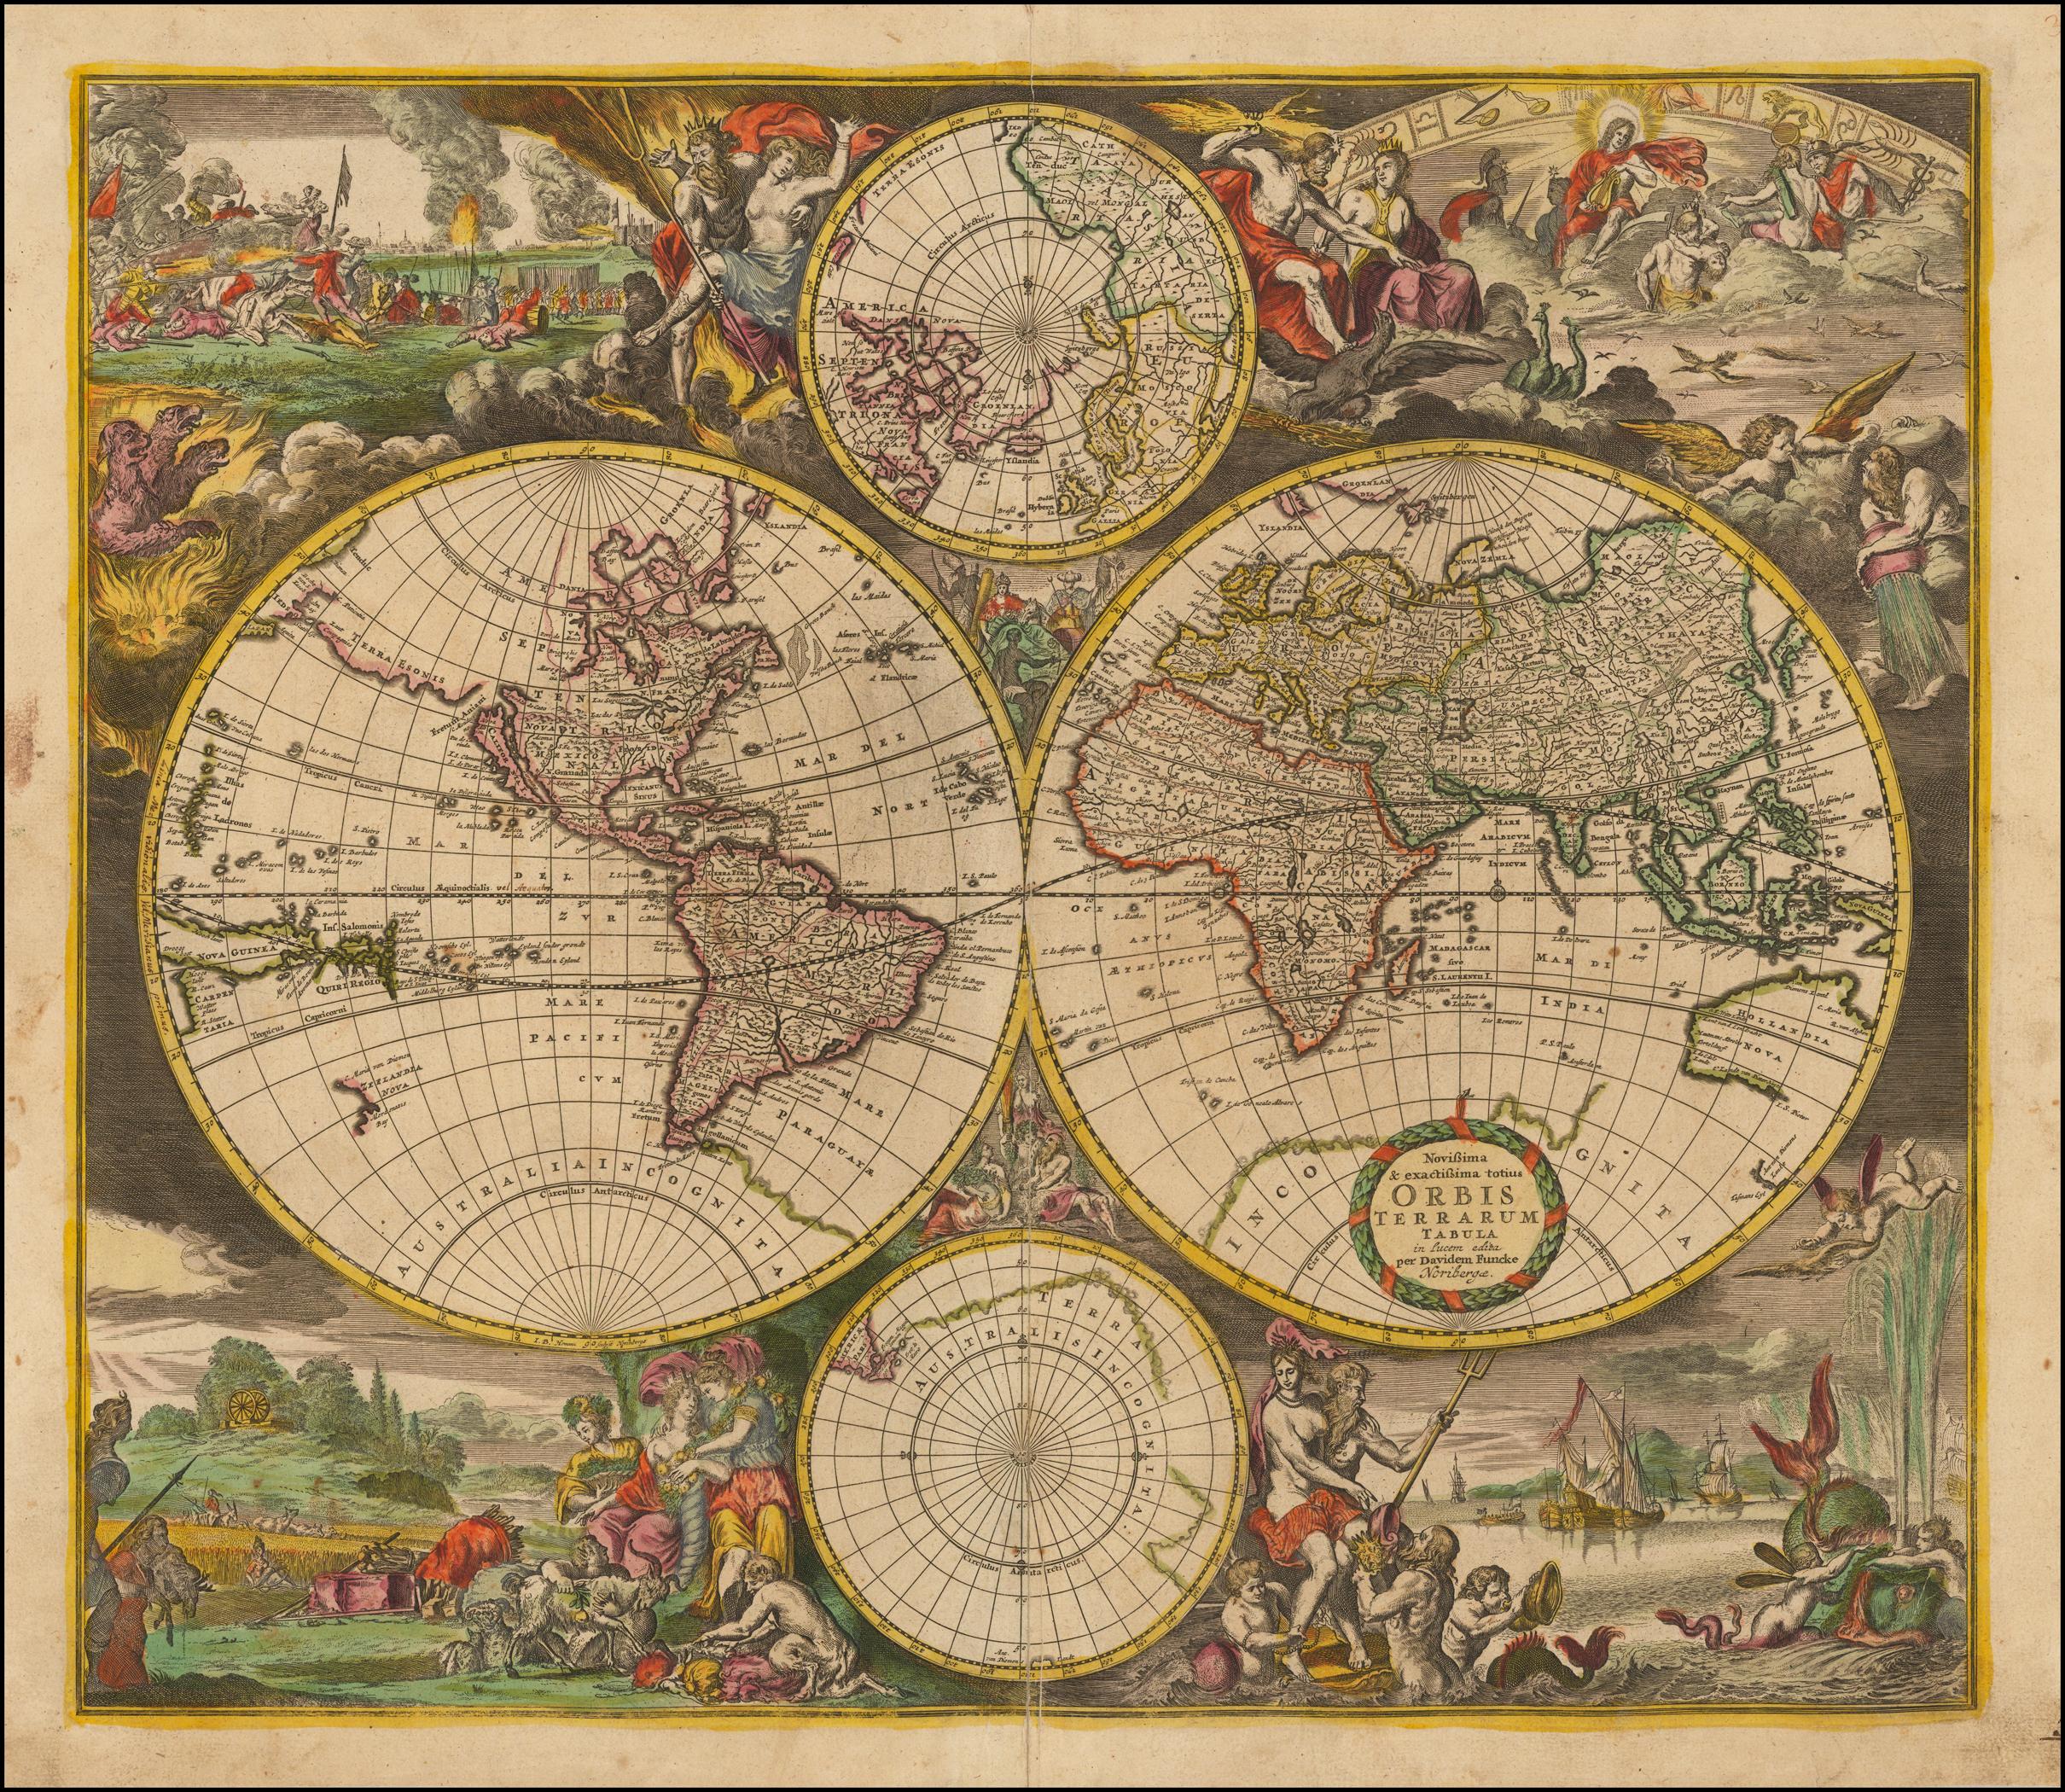 Античная карта мира Дэвида Функе 1700 года